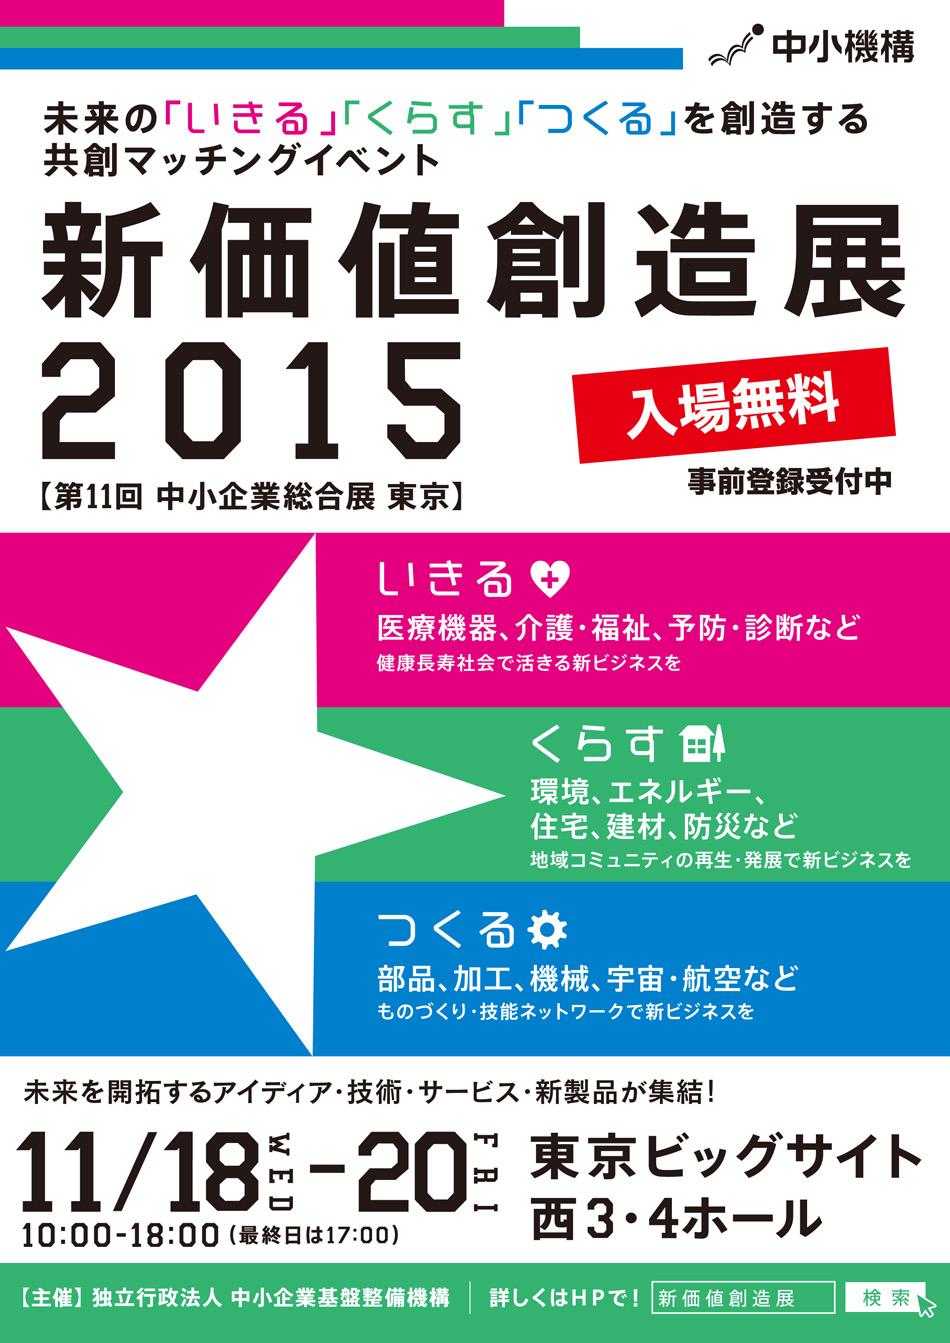 新価値創造展2015(第11回 中小企業総合展 東京 2015)shinkachi2015_chirashi-950.jpg